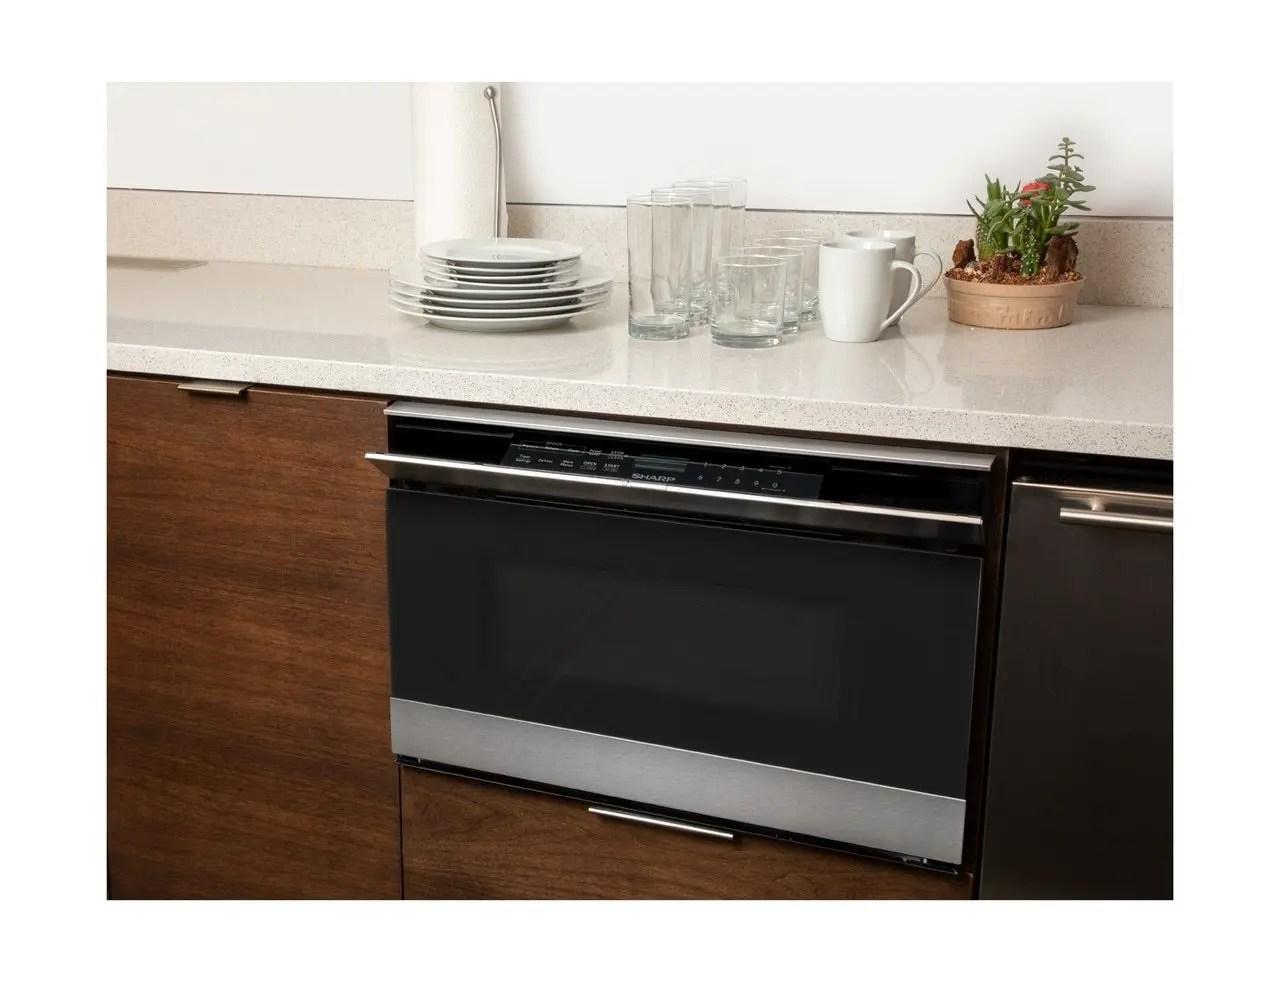 smd2489es sharp appliances 24 in 1 2